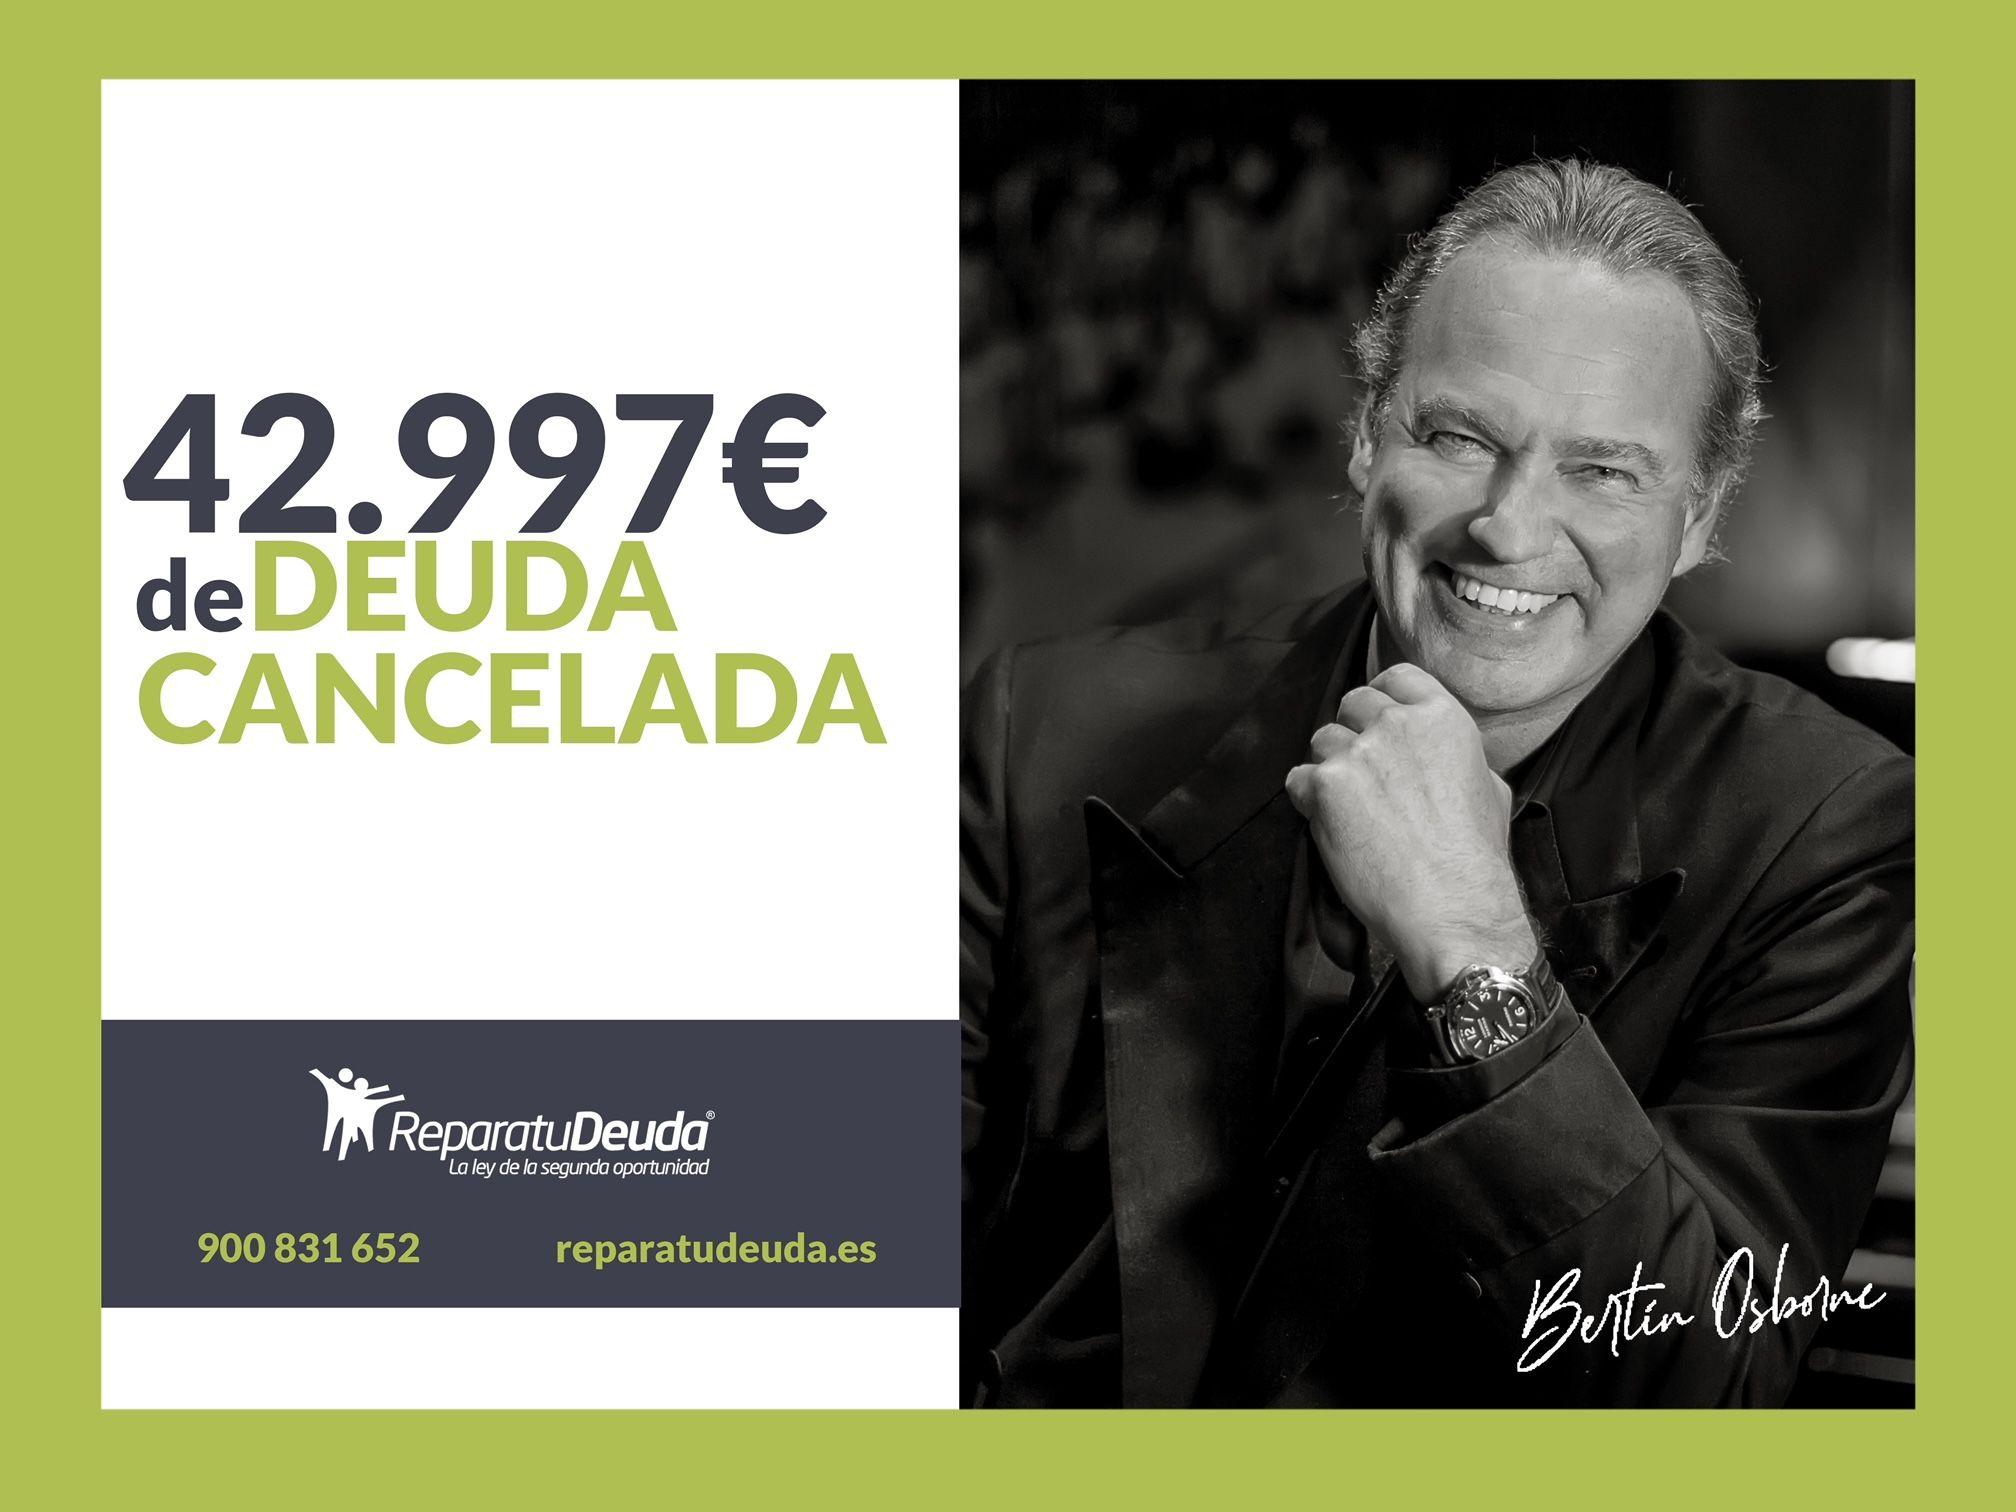 Repara tu Deuda abogados cancela una deuda de 42.997 ? en Madrid con la Ley de Segunda Oportunidad